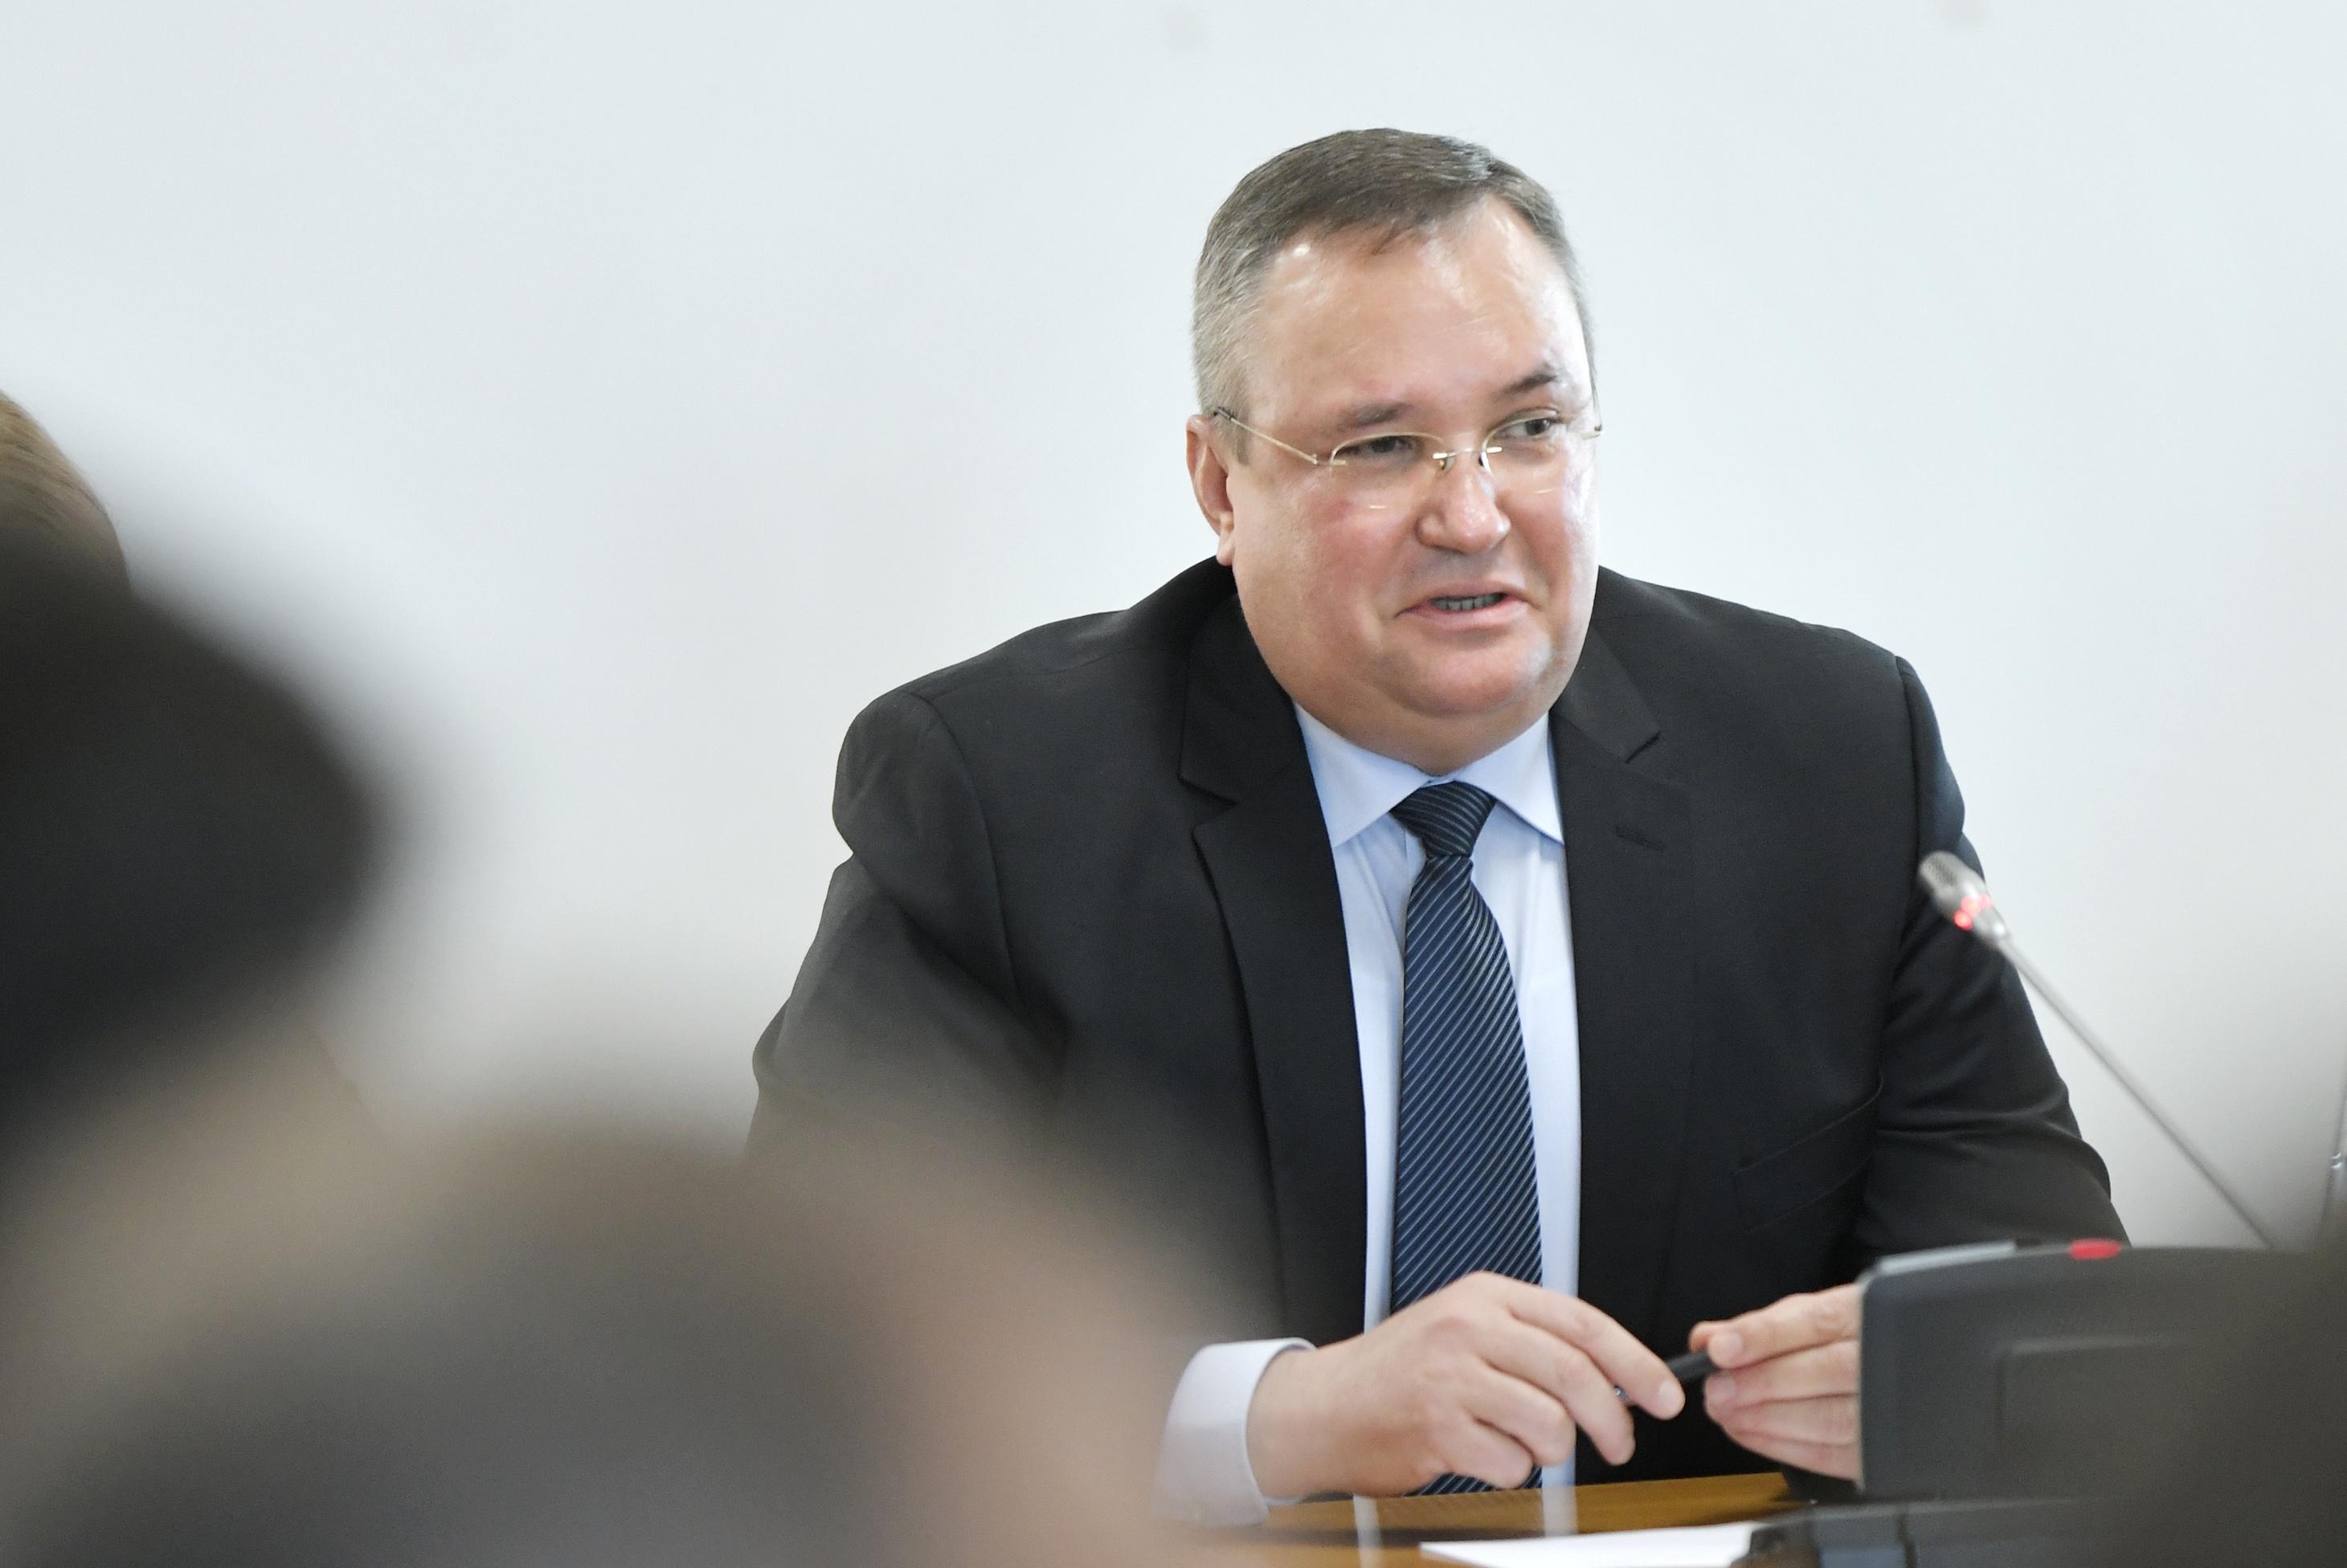 Varianta avansării lui Nicolae Ciucă, ministrul Apărării, ca prim-ministru în locul lui Orban. PSD anunţă că e posibil să-l voteze